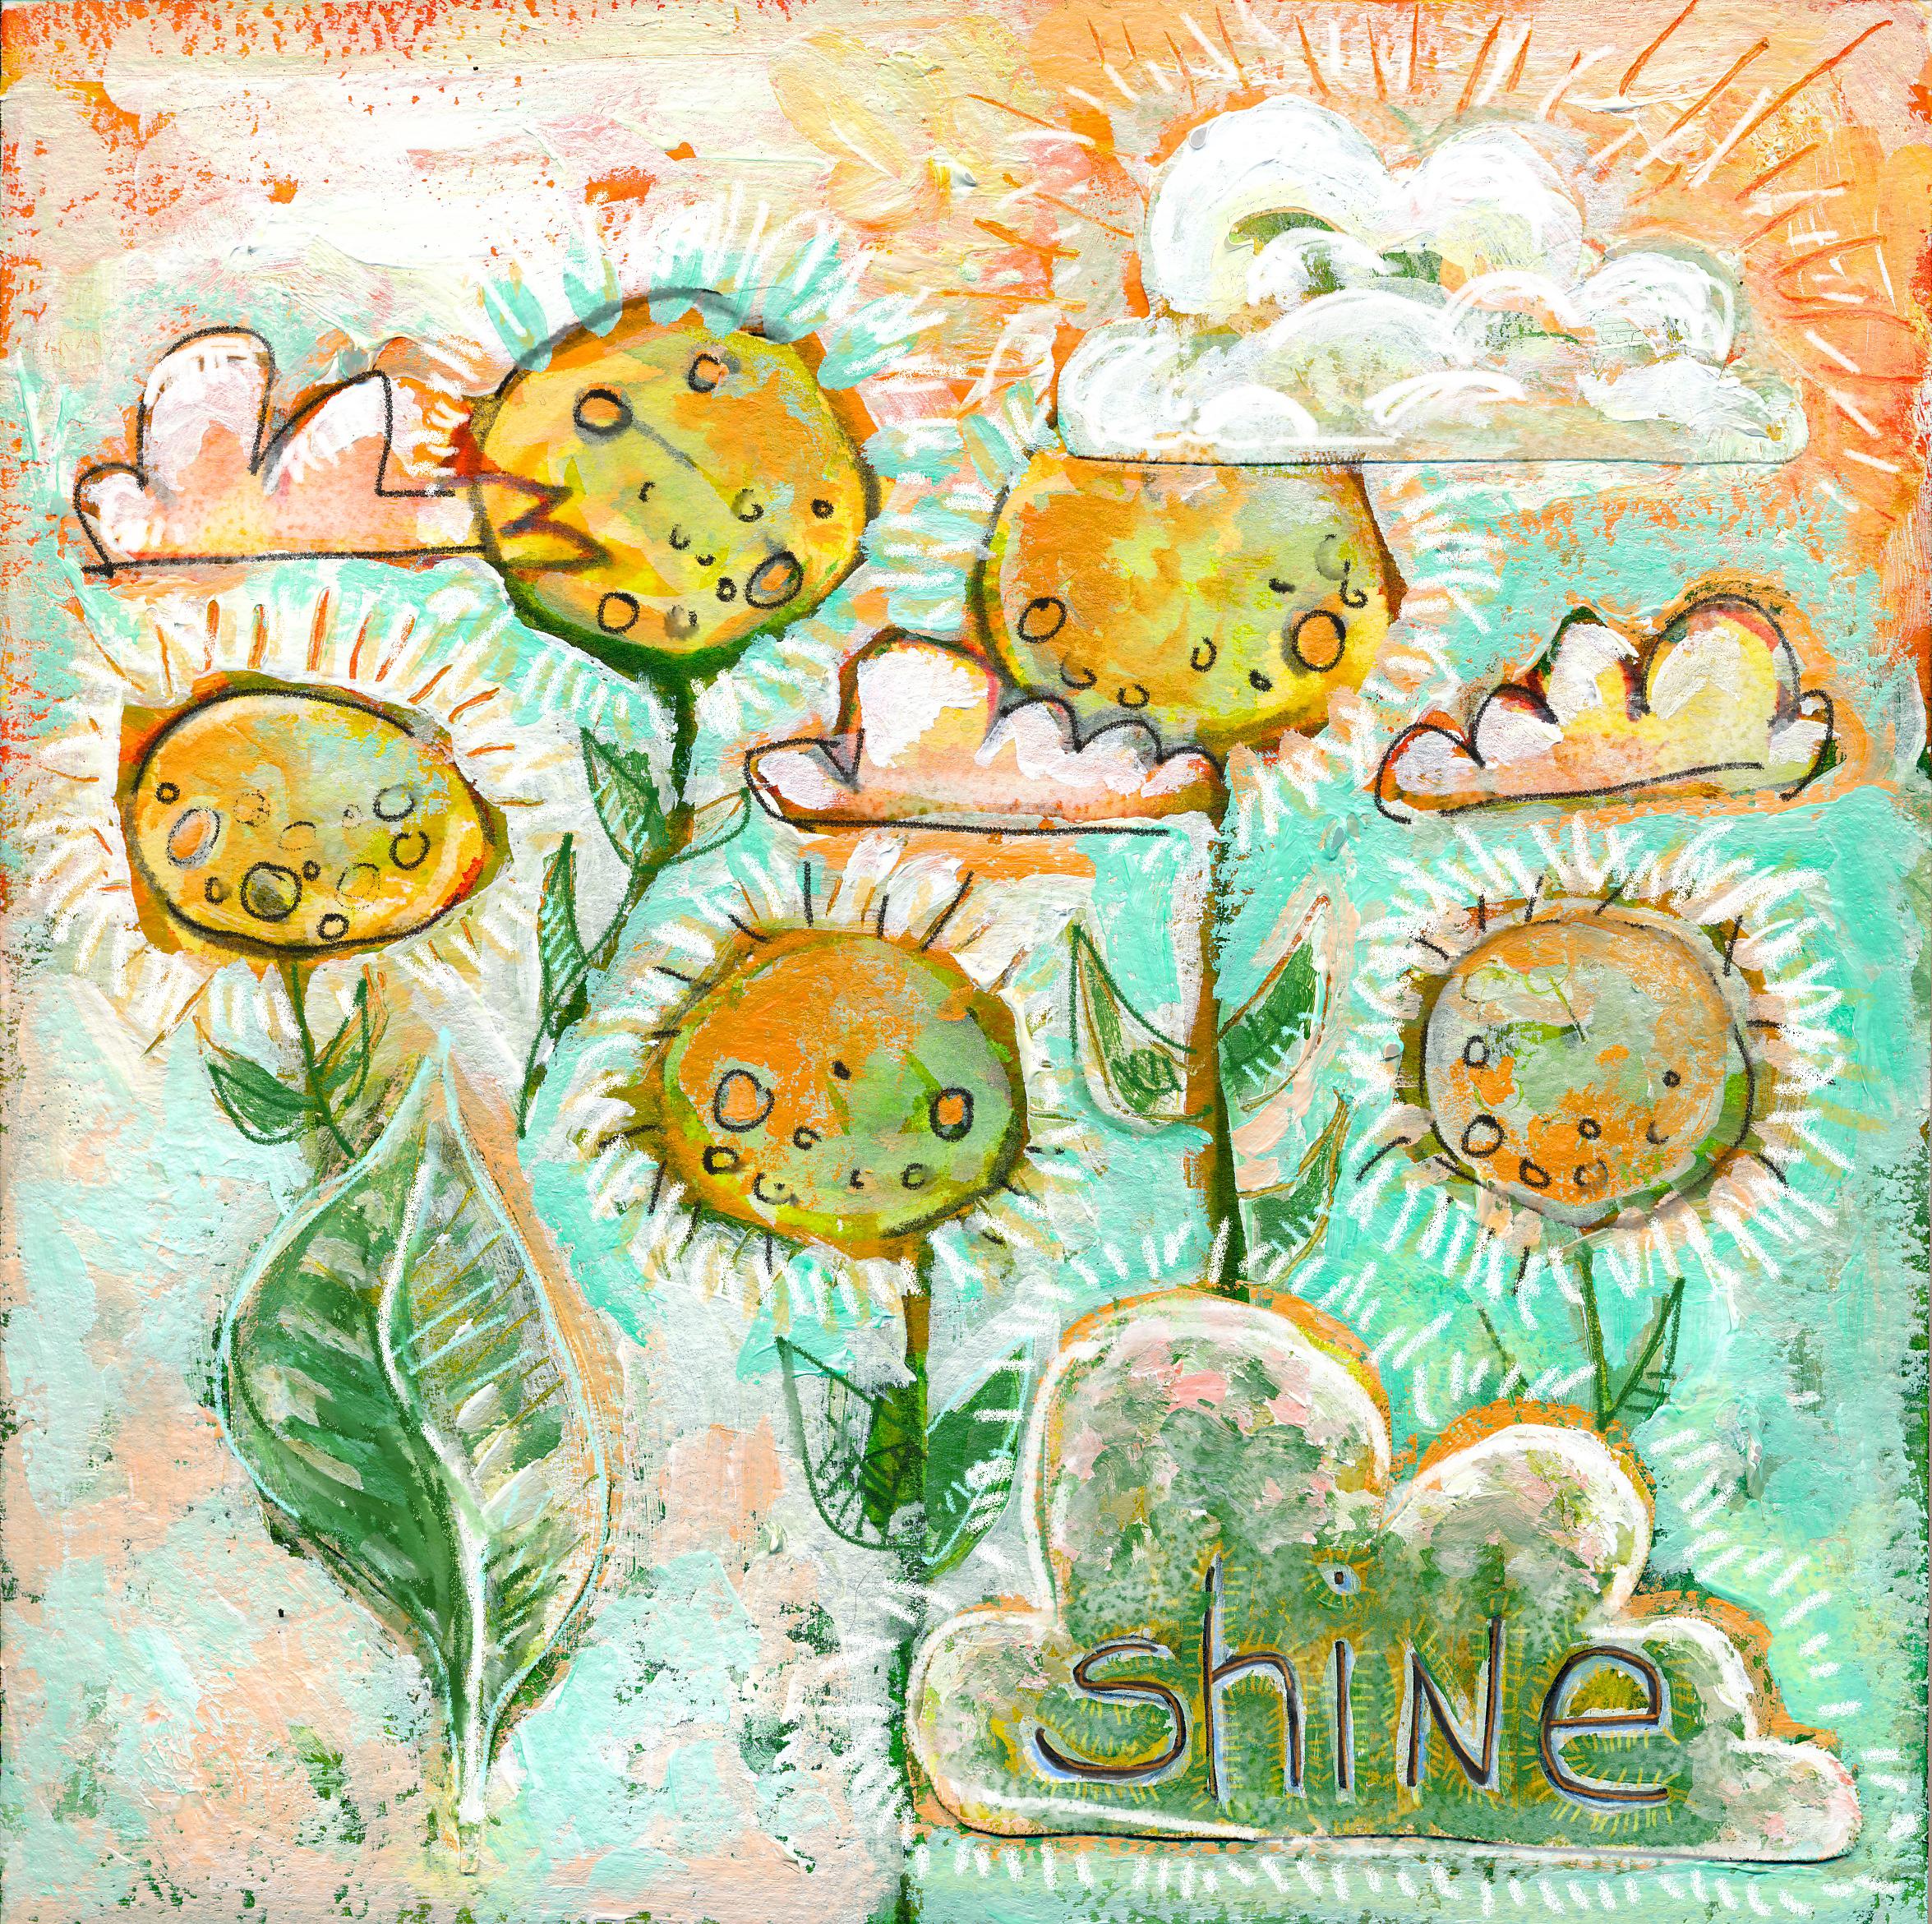 shine scan